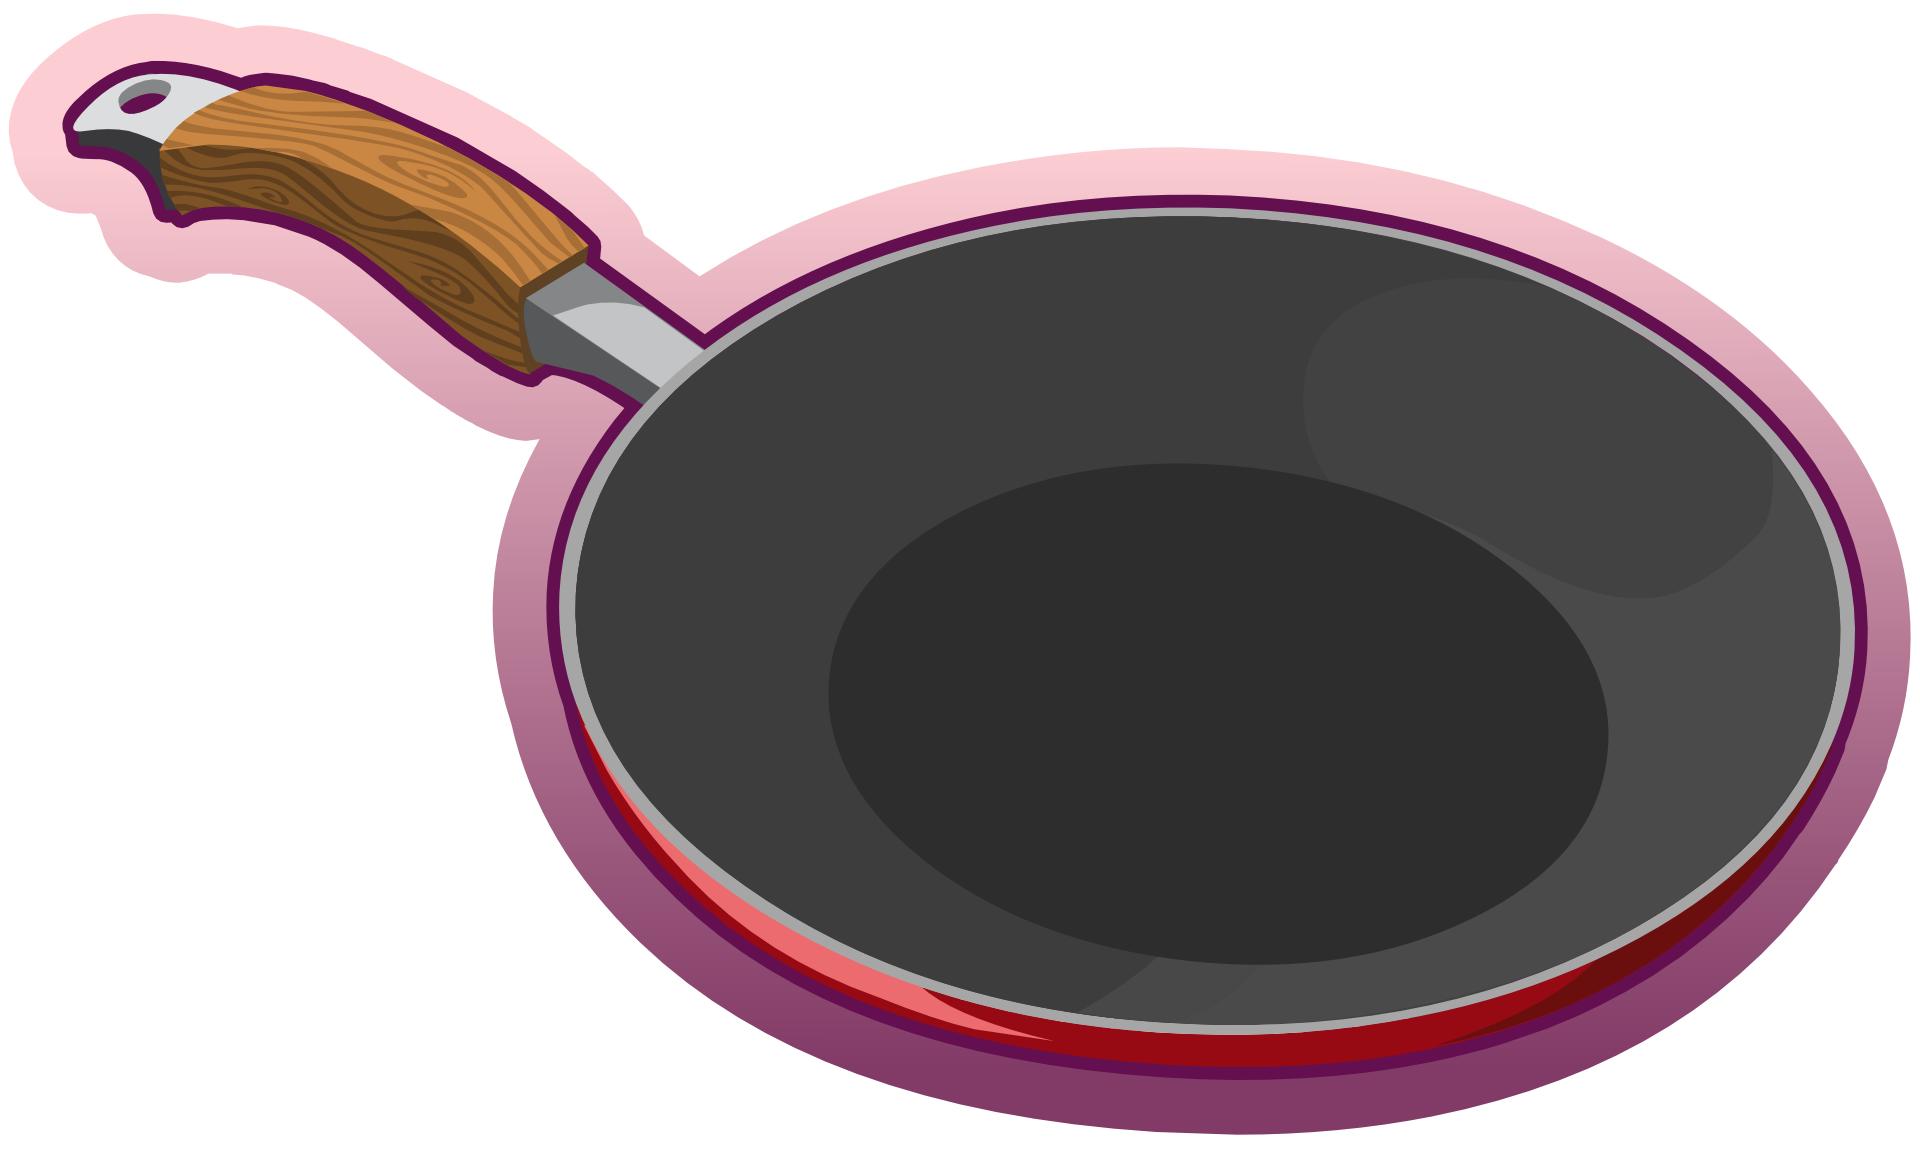 Картинка сковородка для детей на прозрачном фоне